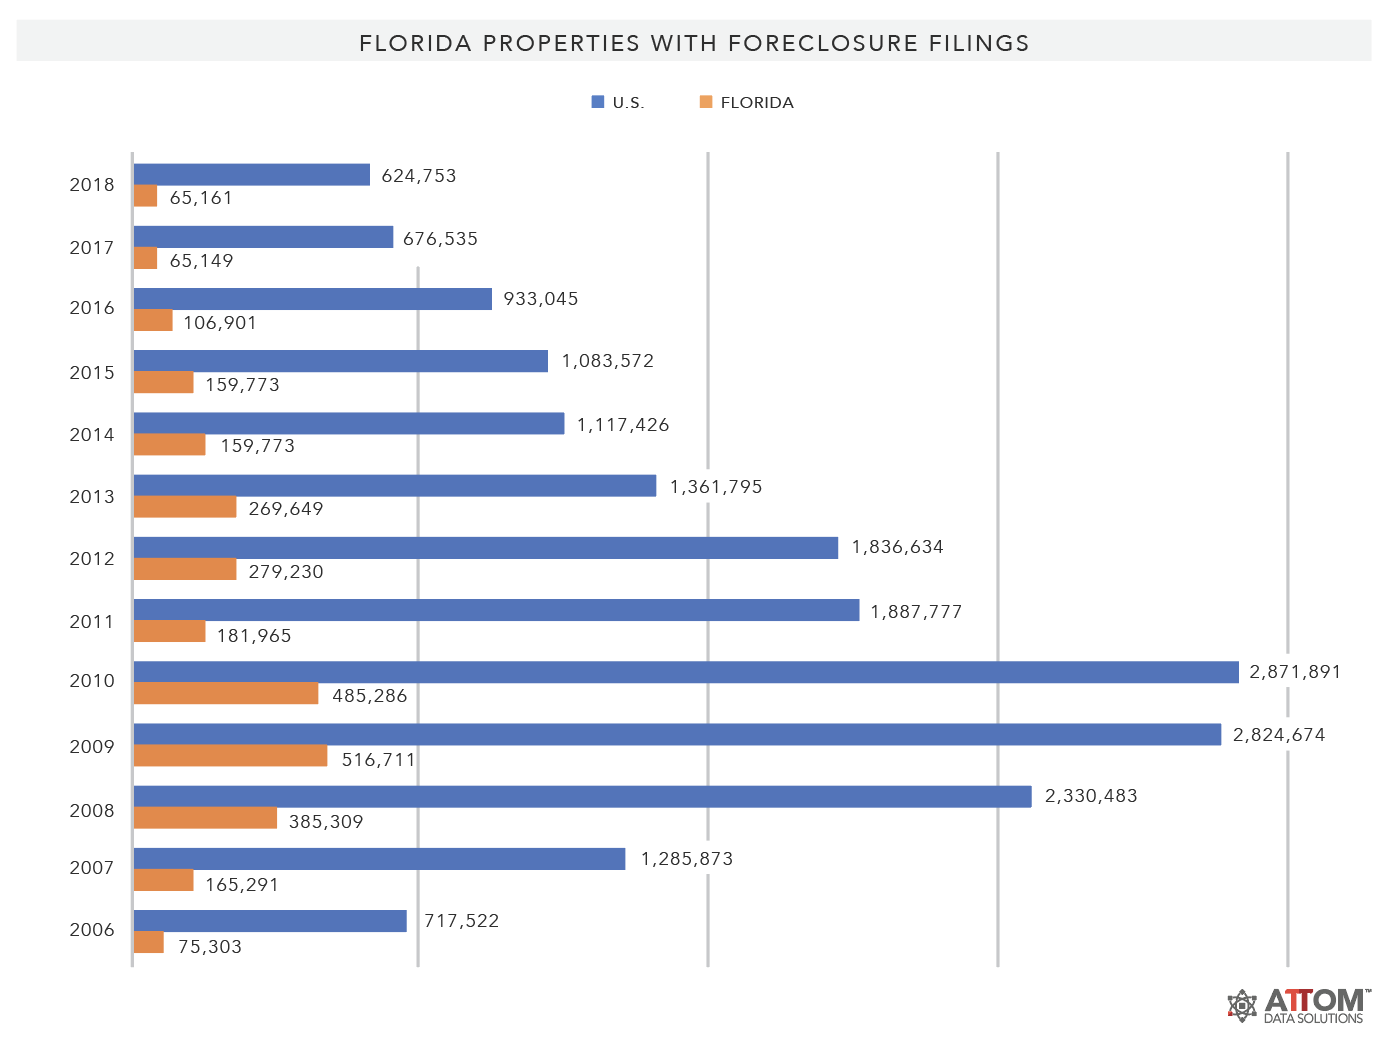 Florida-Foreclosure-Filings